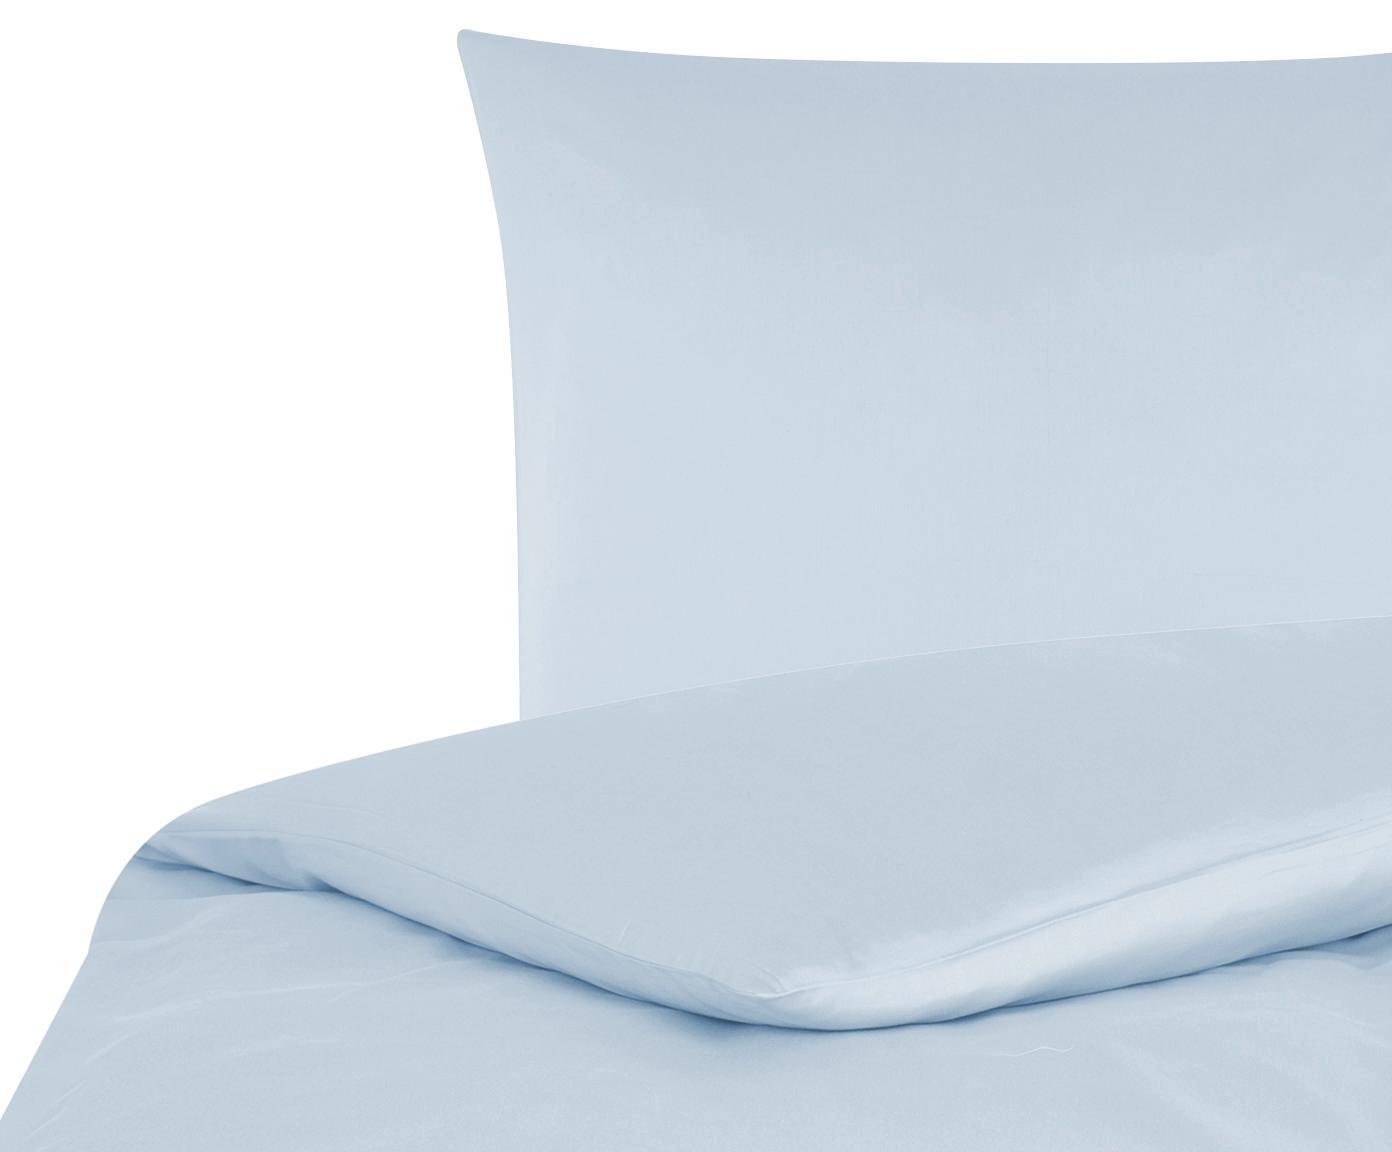 Katoensatijnen dekbedovertrek Comfort, Weeftechniek: satijn, licht glanzend, Lichtblauw, 140 x 200 cm